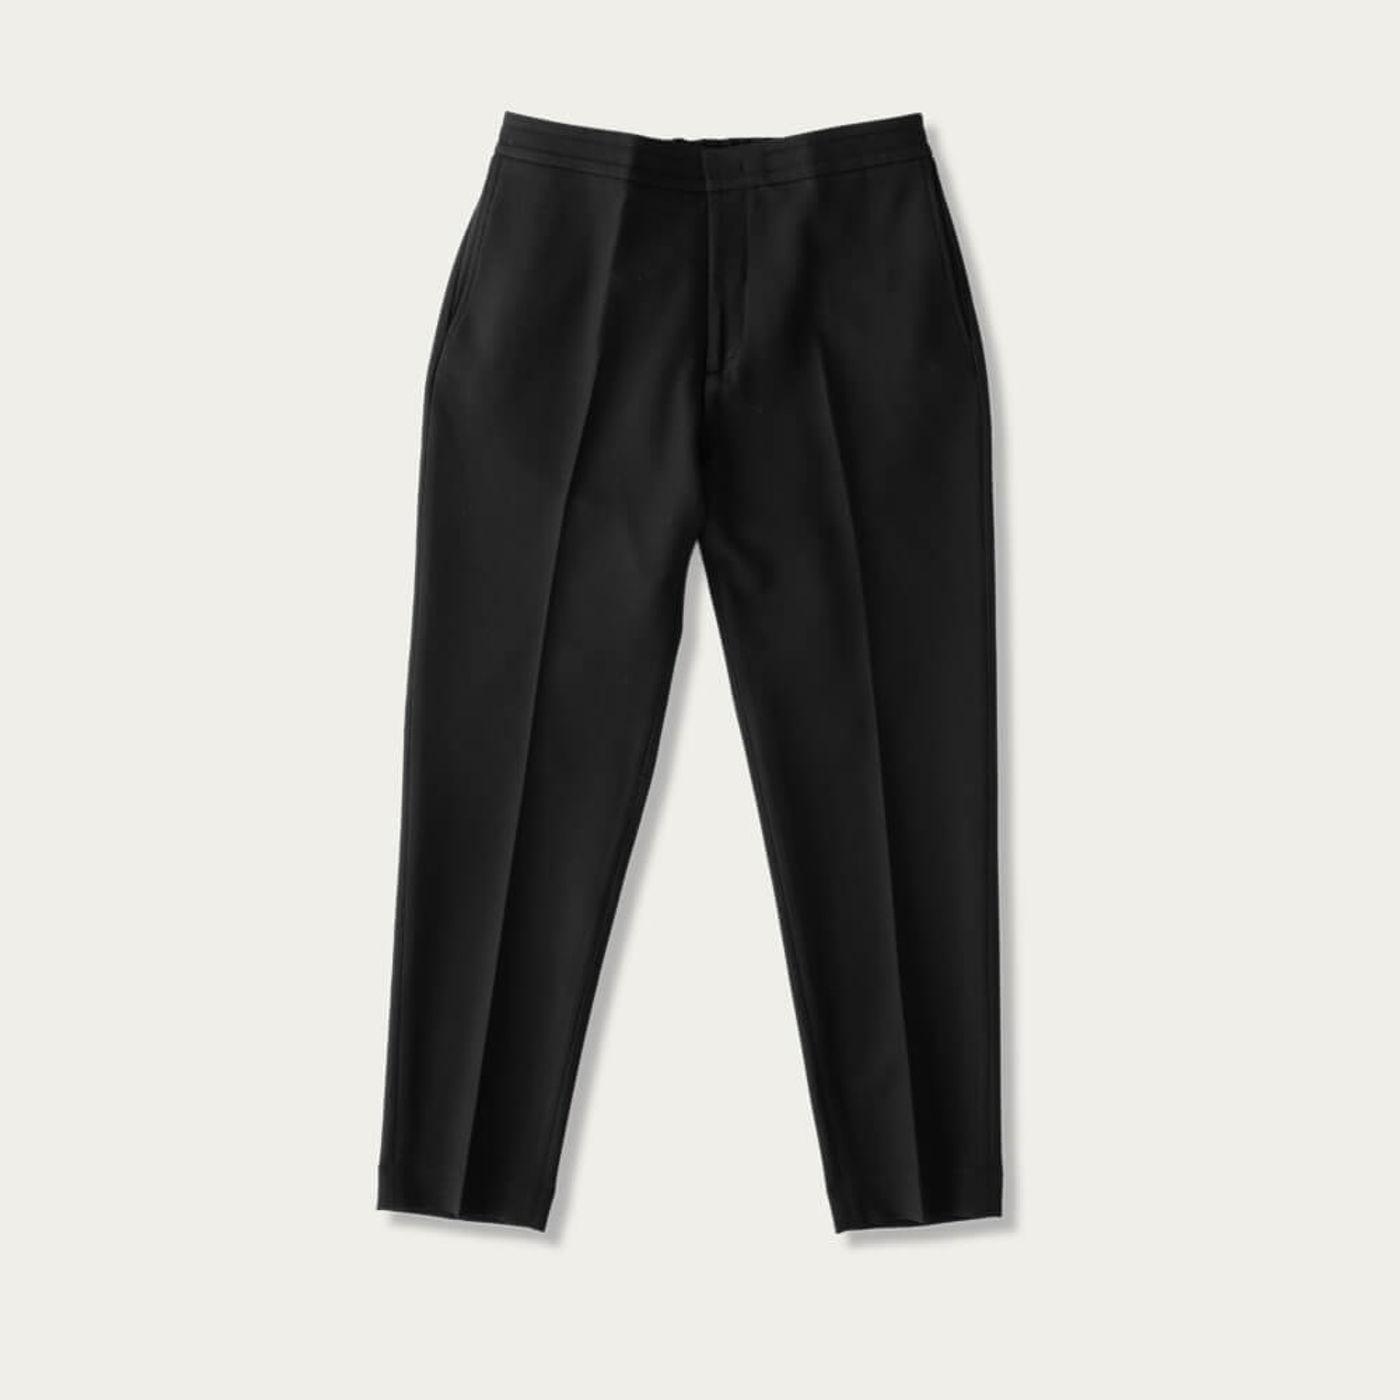 Black/Navy Easy Tailored Trouser - Pack of 2 | Bombinate